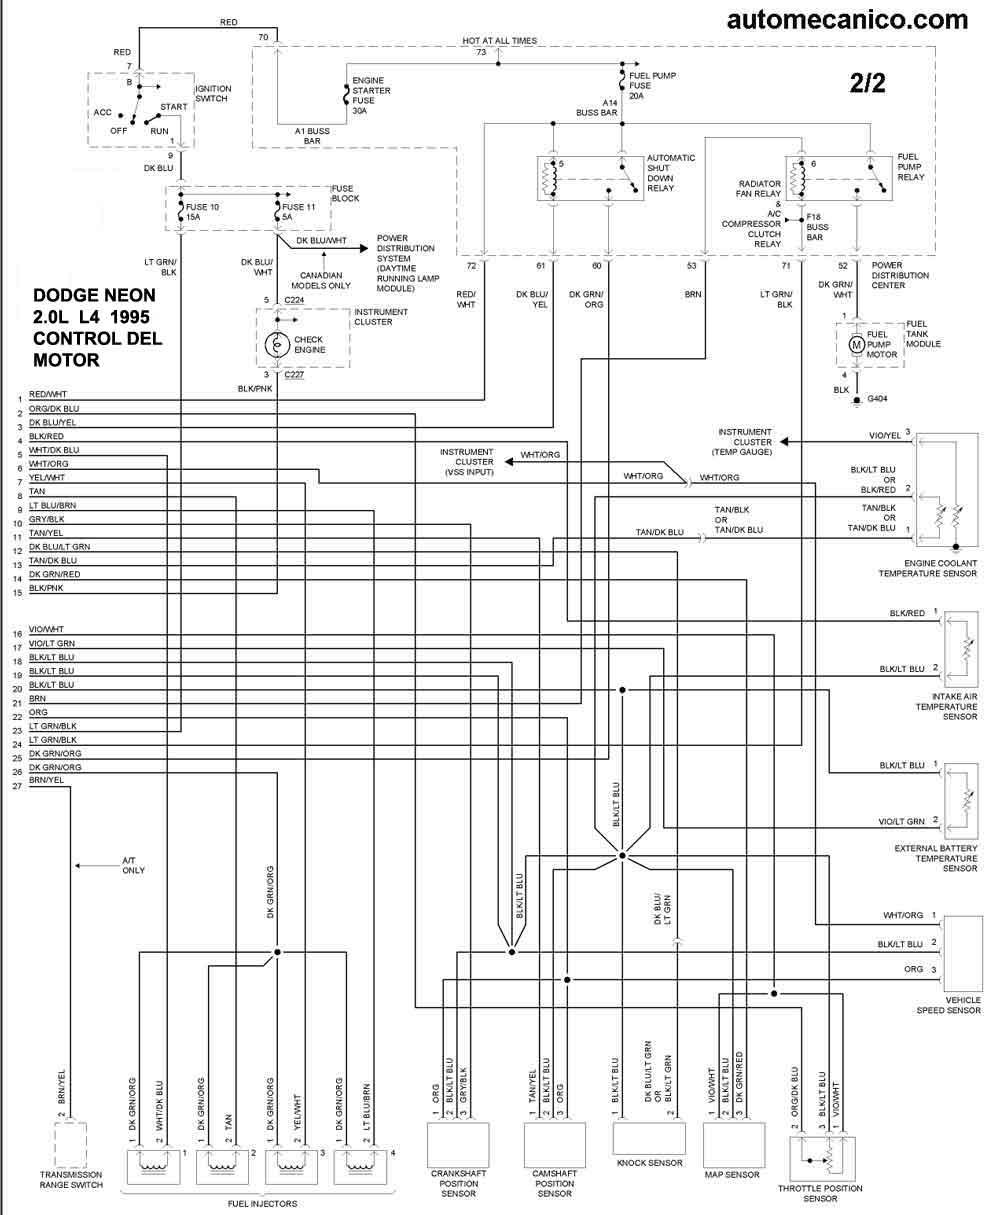 1995 dodge ram 2500 wiring diagram for a 3 way switch | diagramas control del motor vehiculos mecanica automotriz